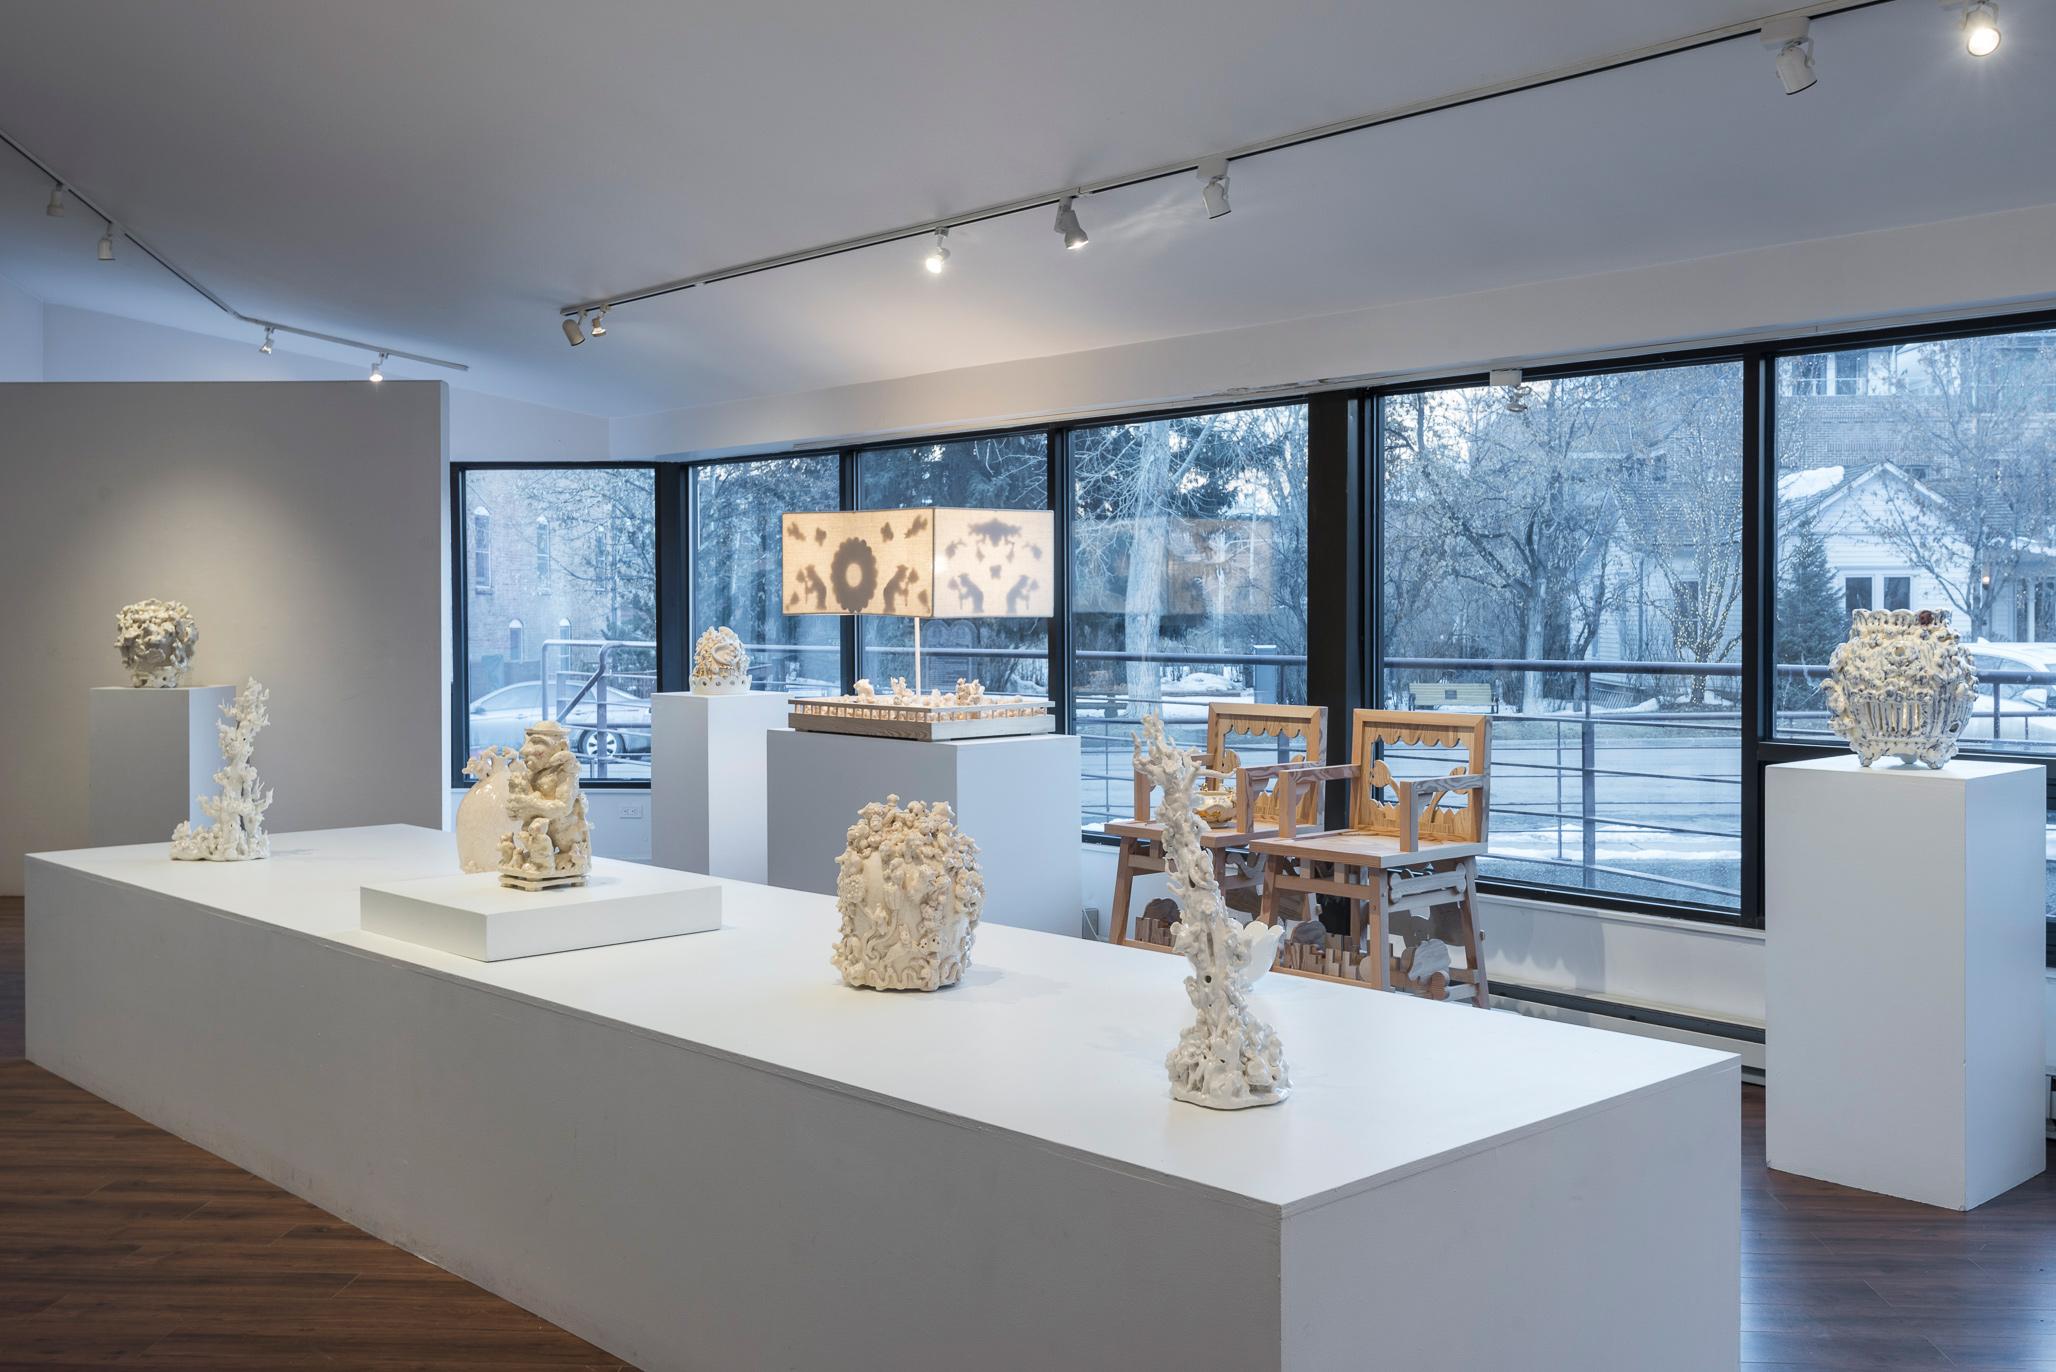 Installation view (Jeffry Mitchell)